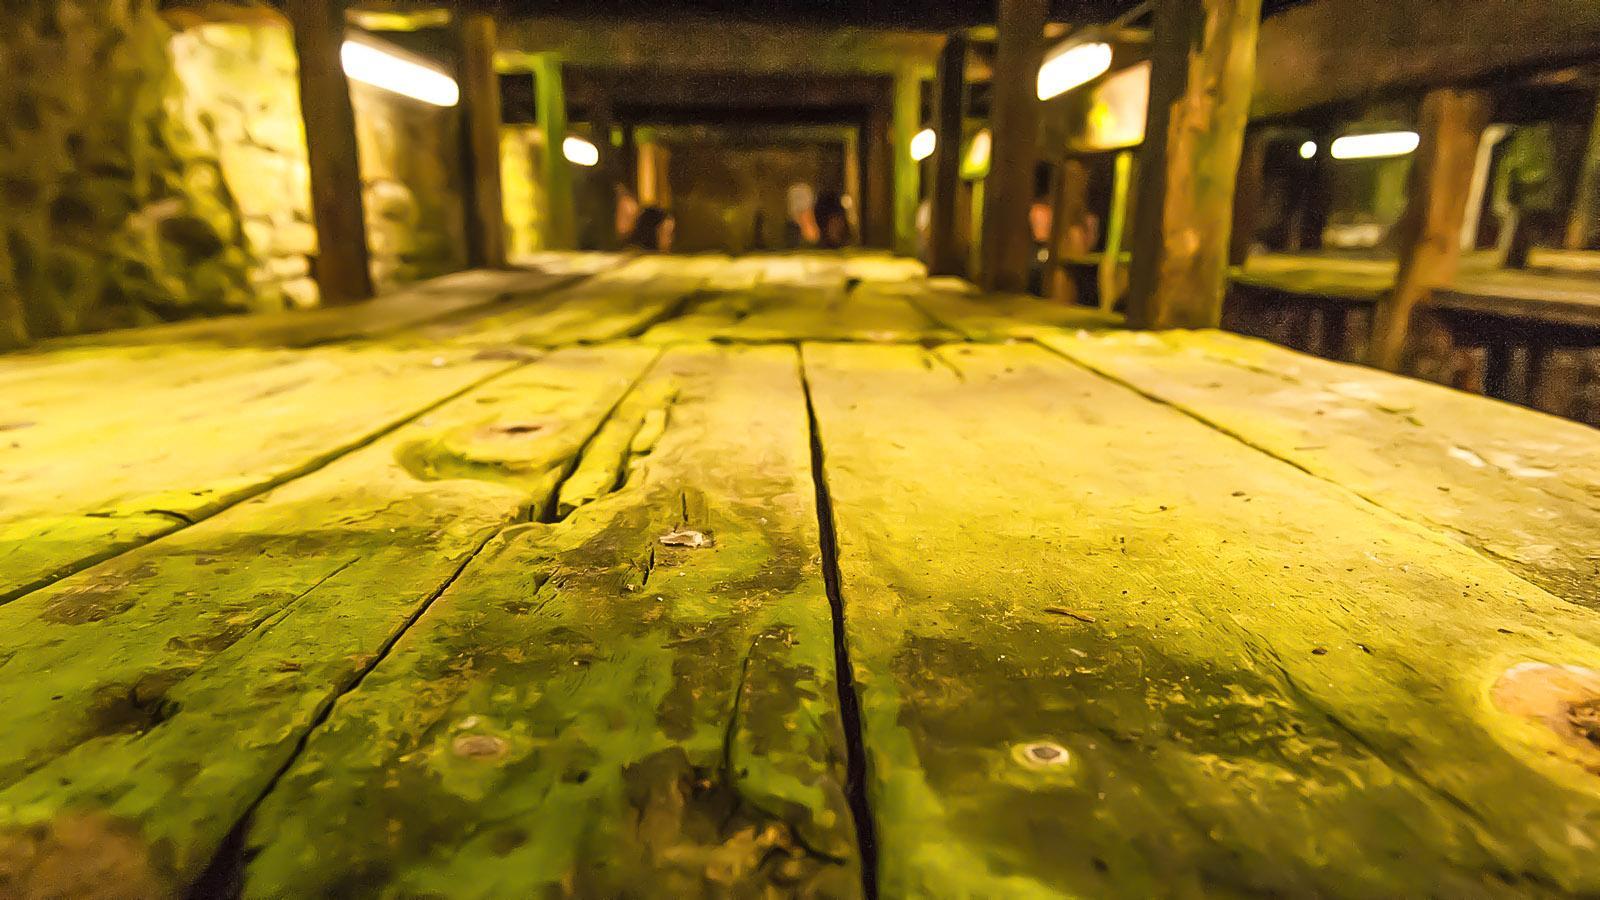 Wer zu falschen Zeit kommt, erblickt wie ich nur leere Regale in den Roquefort-Kellern. Foto: Hilke Maunder